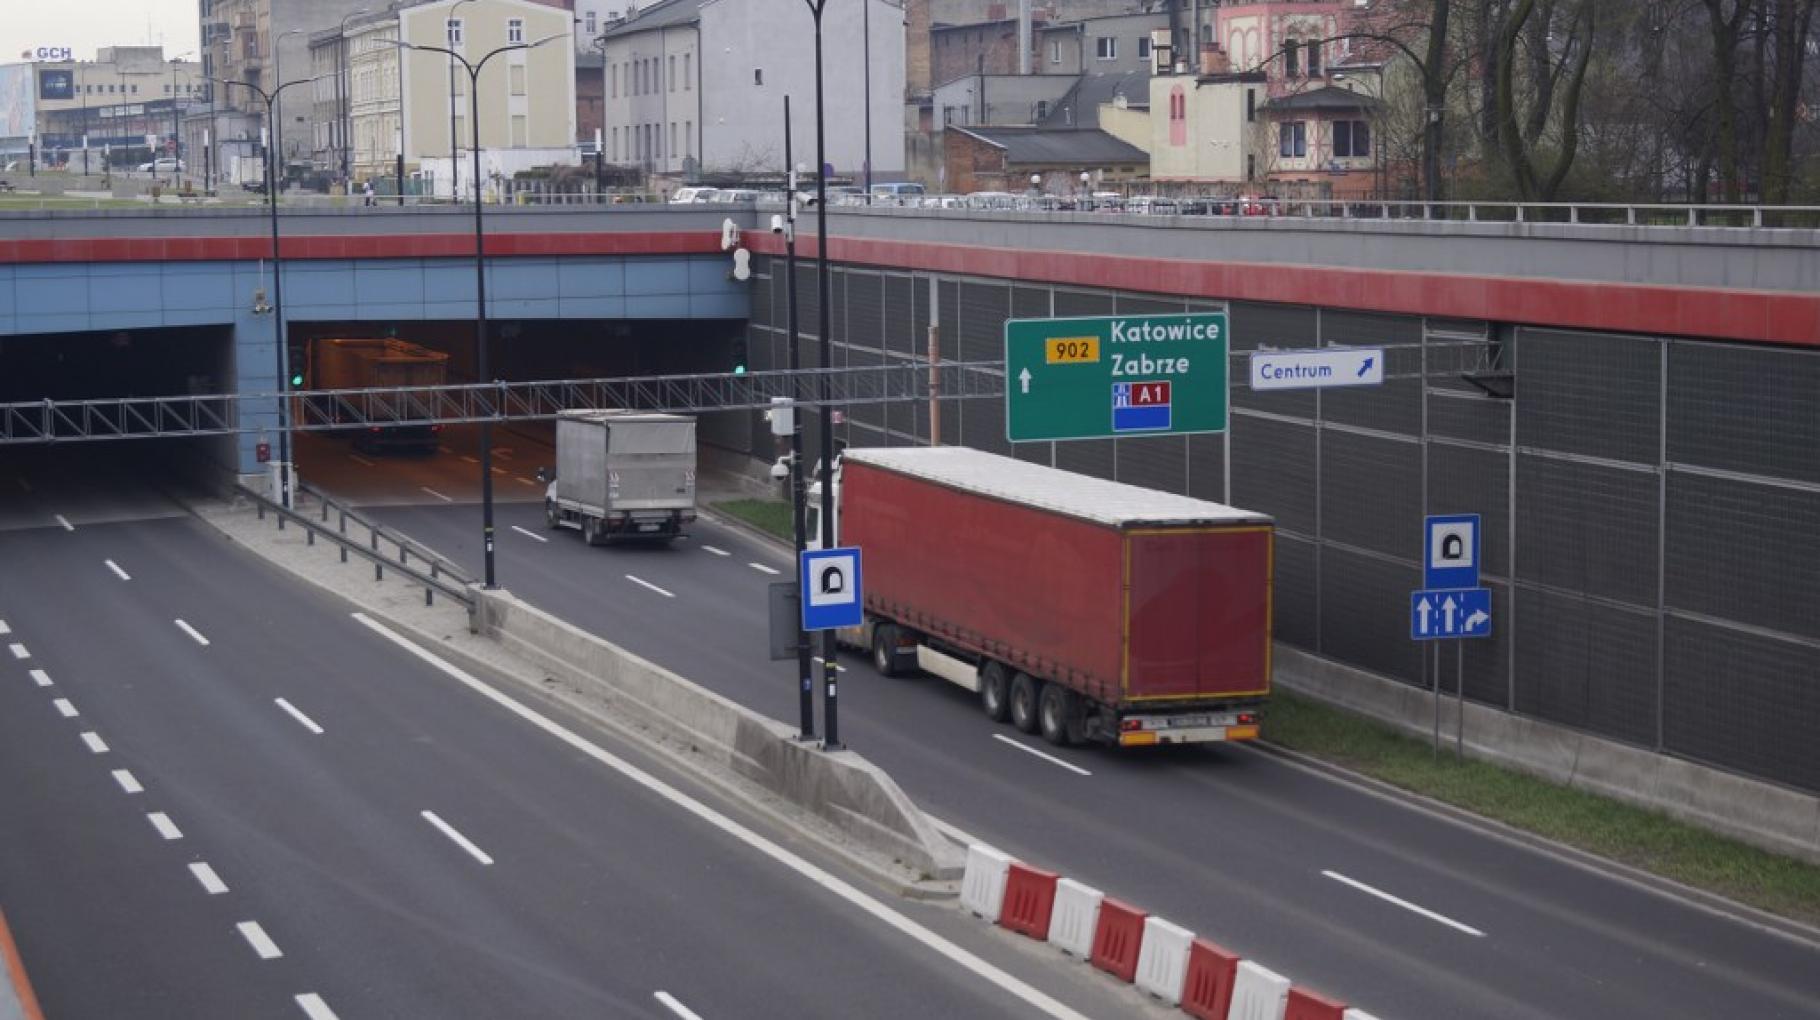 Samochód wjeżdża do tunelu DTŚ